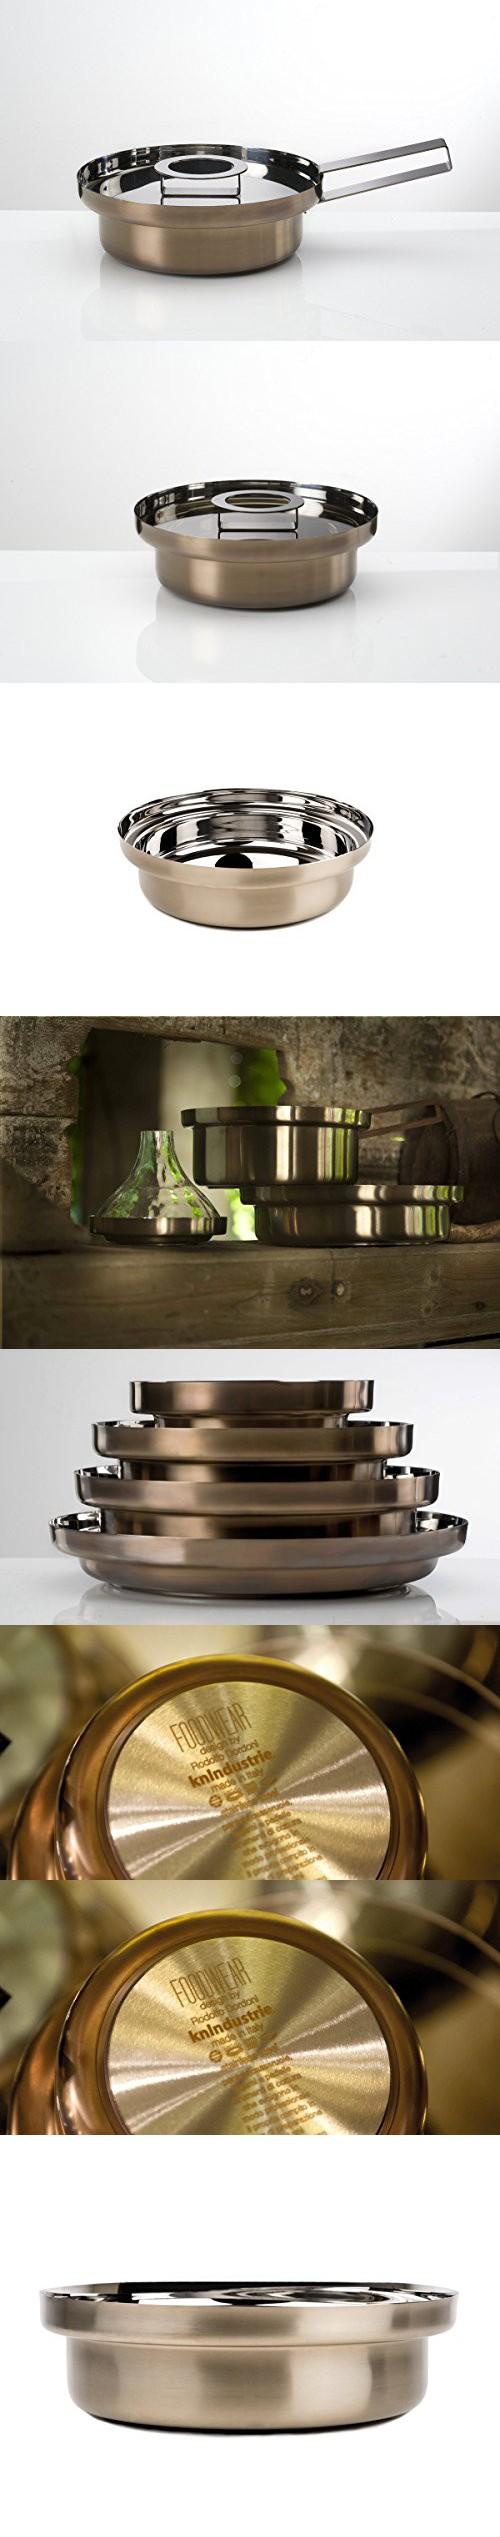 Knindustrie Foodwear Low Casserole Aƒeœ11 8 Bronze Bronze Casserole